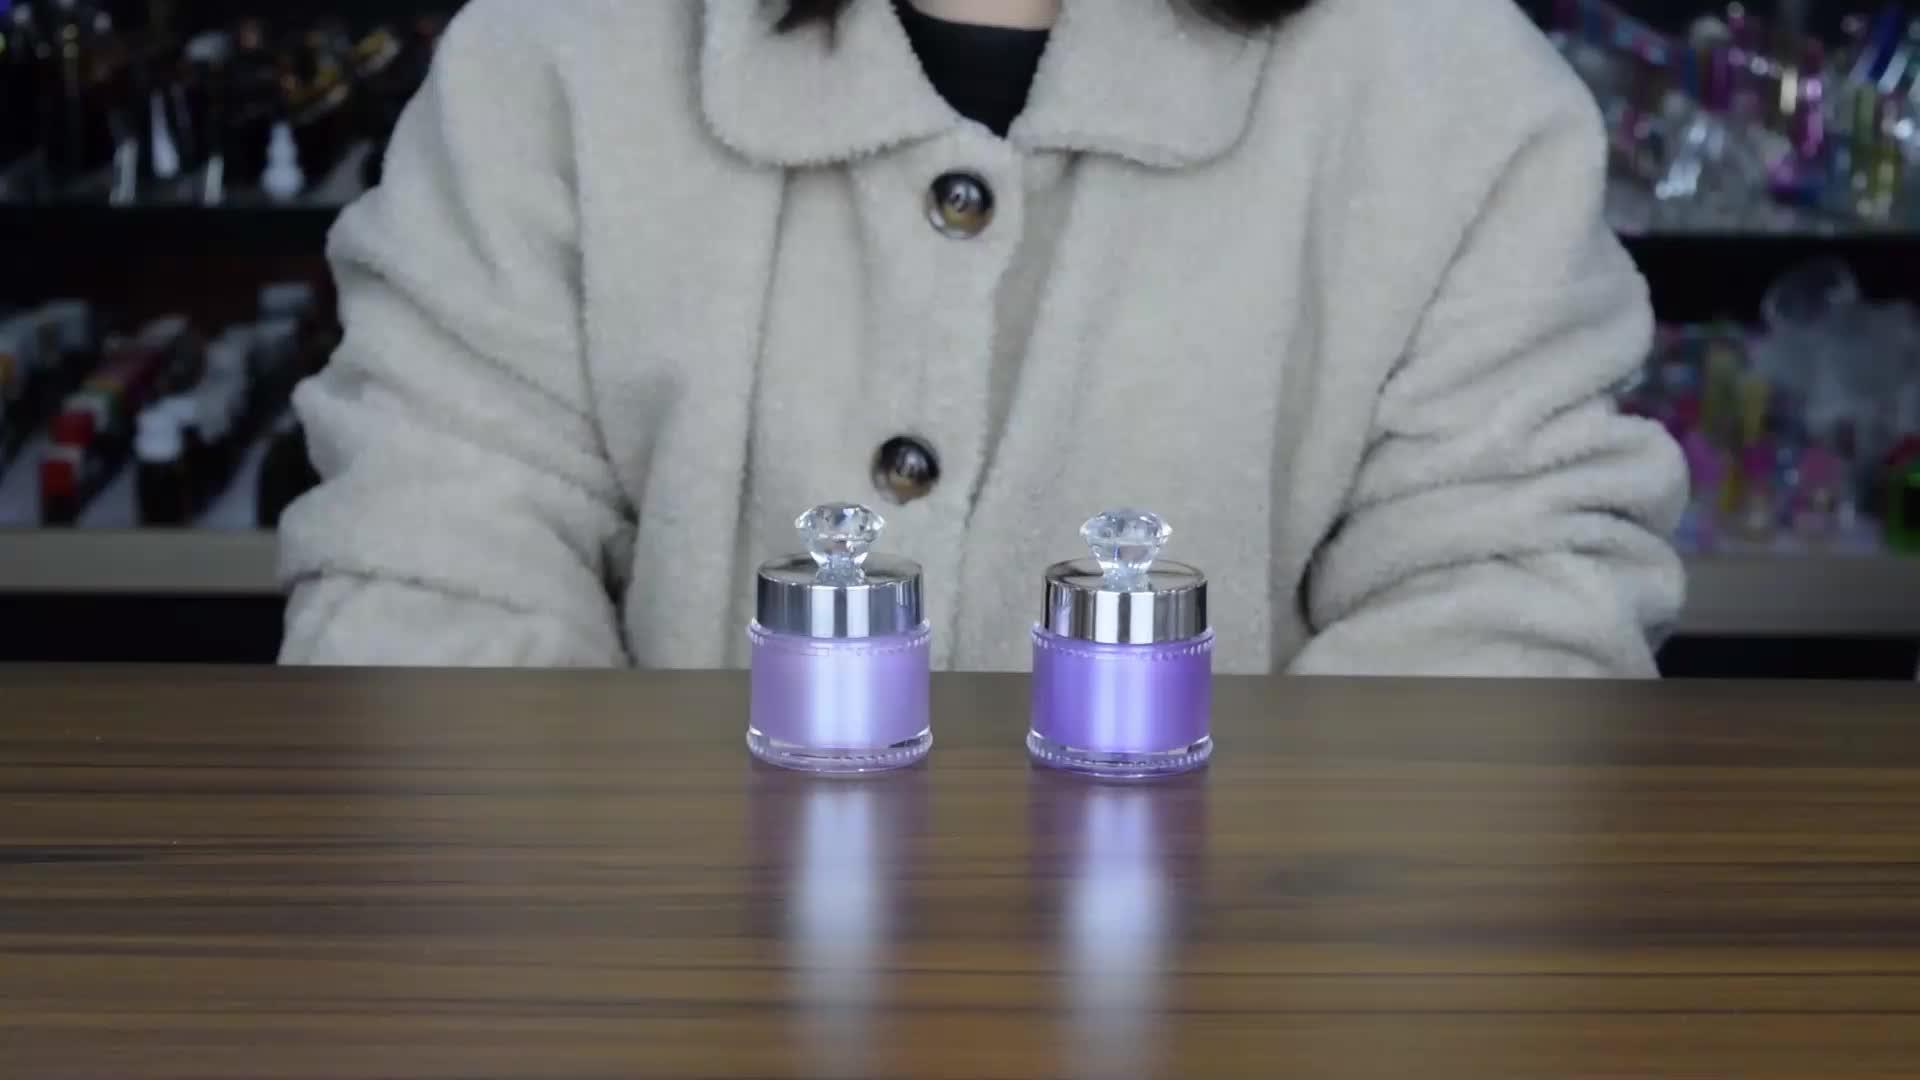 Cosmetische verpakkingen 5g 15g 30g 50g goud glanzend luxe cosmetische jar cream container acryl jar met clear crystal cap